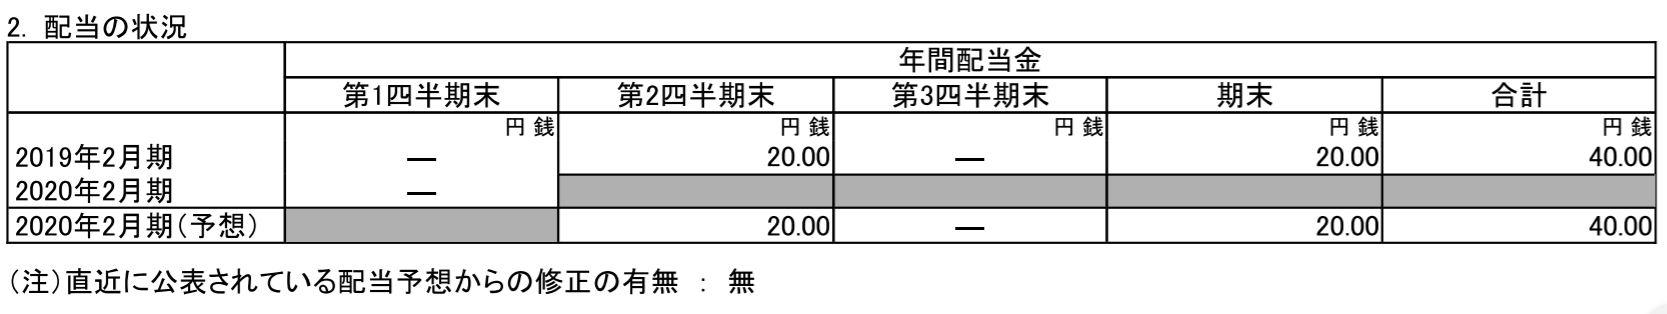 タキヒヨー第1四半期 決算短信より